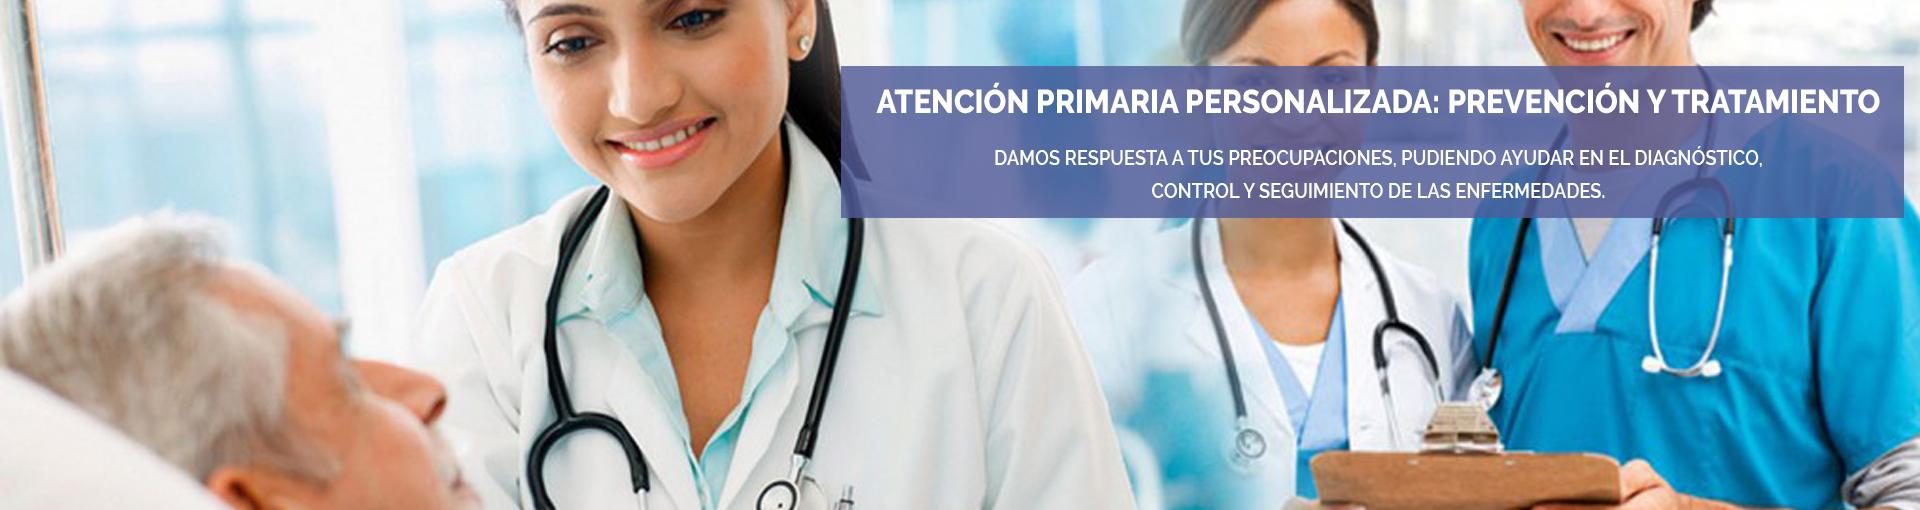 Atención primaria personalizada. Atención en el domicilio del paciente. Atención en consulta. Laboratorio en Zaragoza. Análisis clínicos en Zaragoza